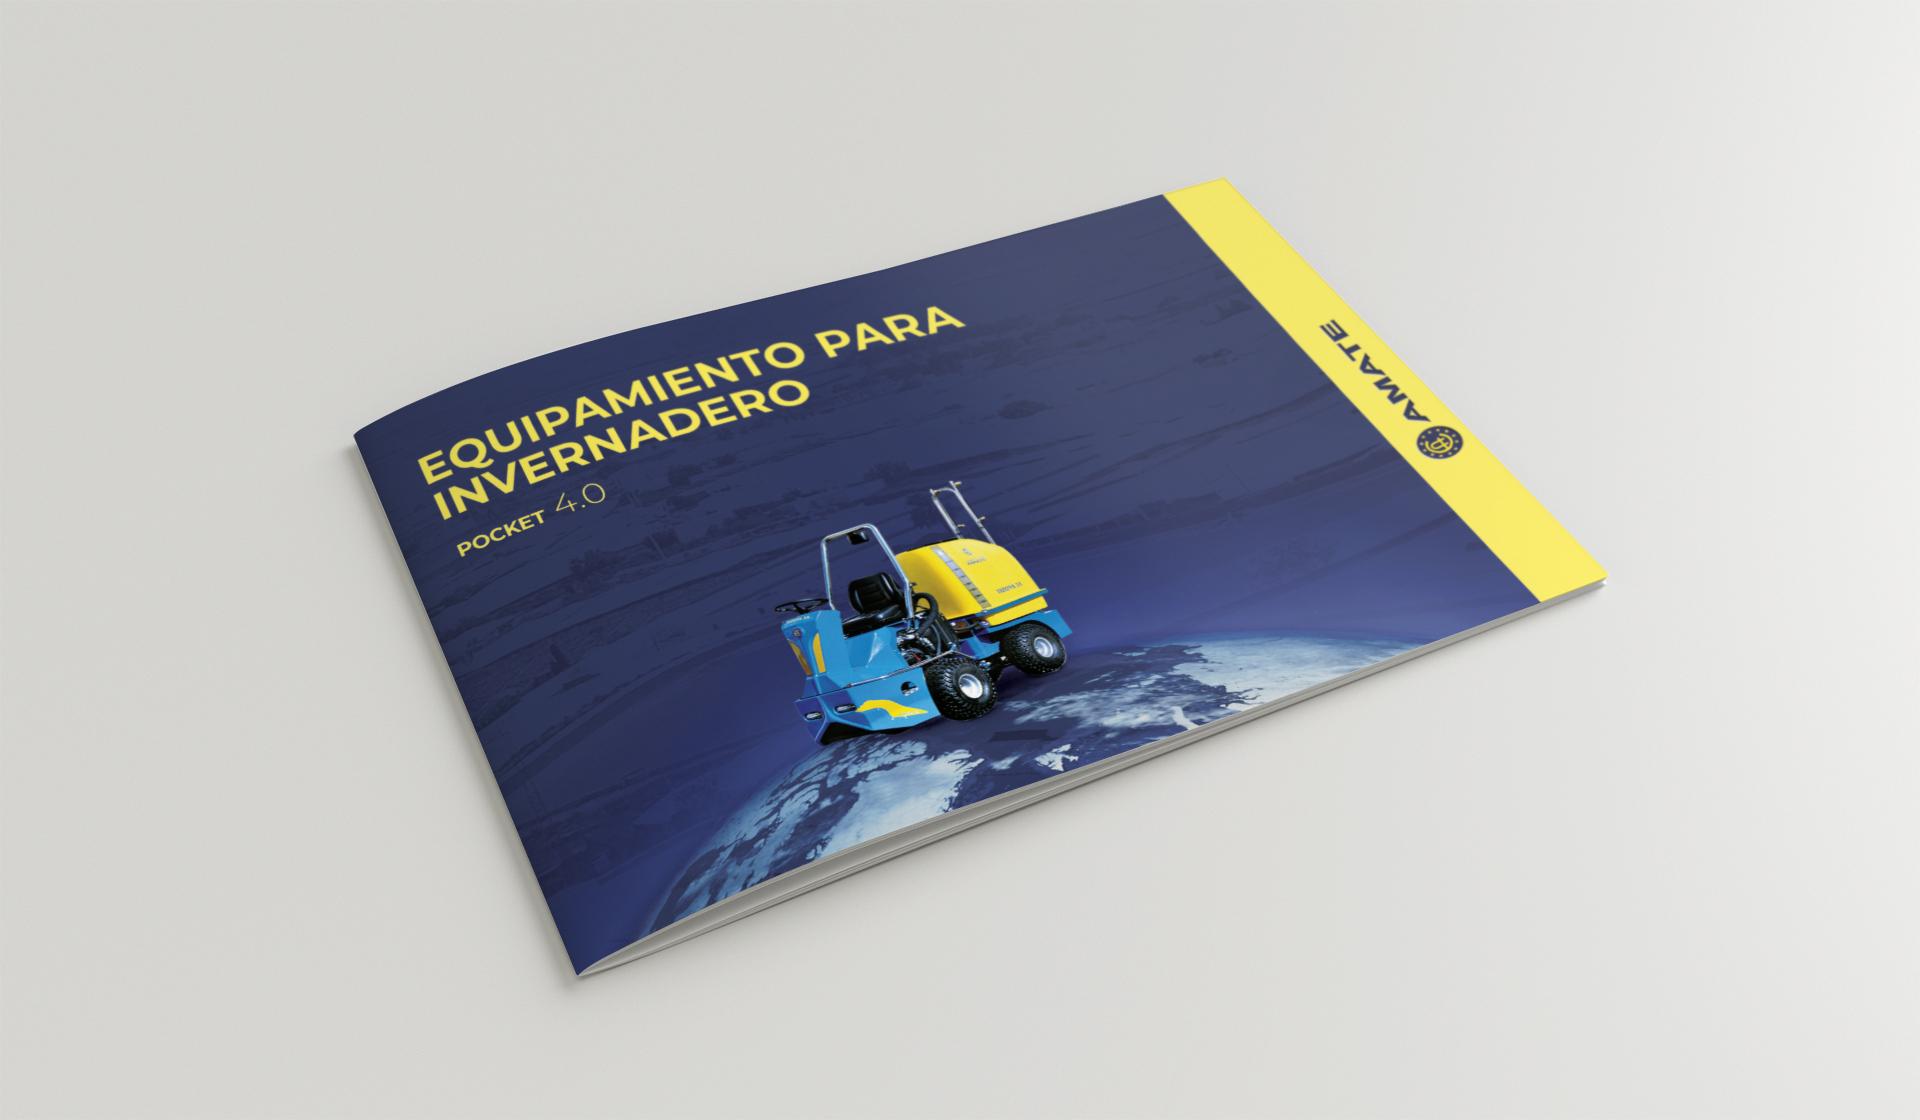 Carretillas Amate 2 - Fama Publicidad